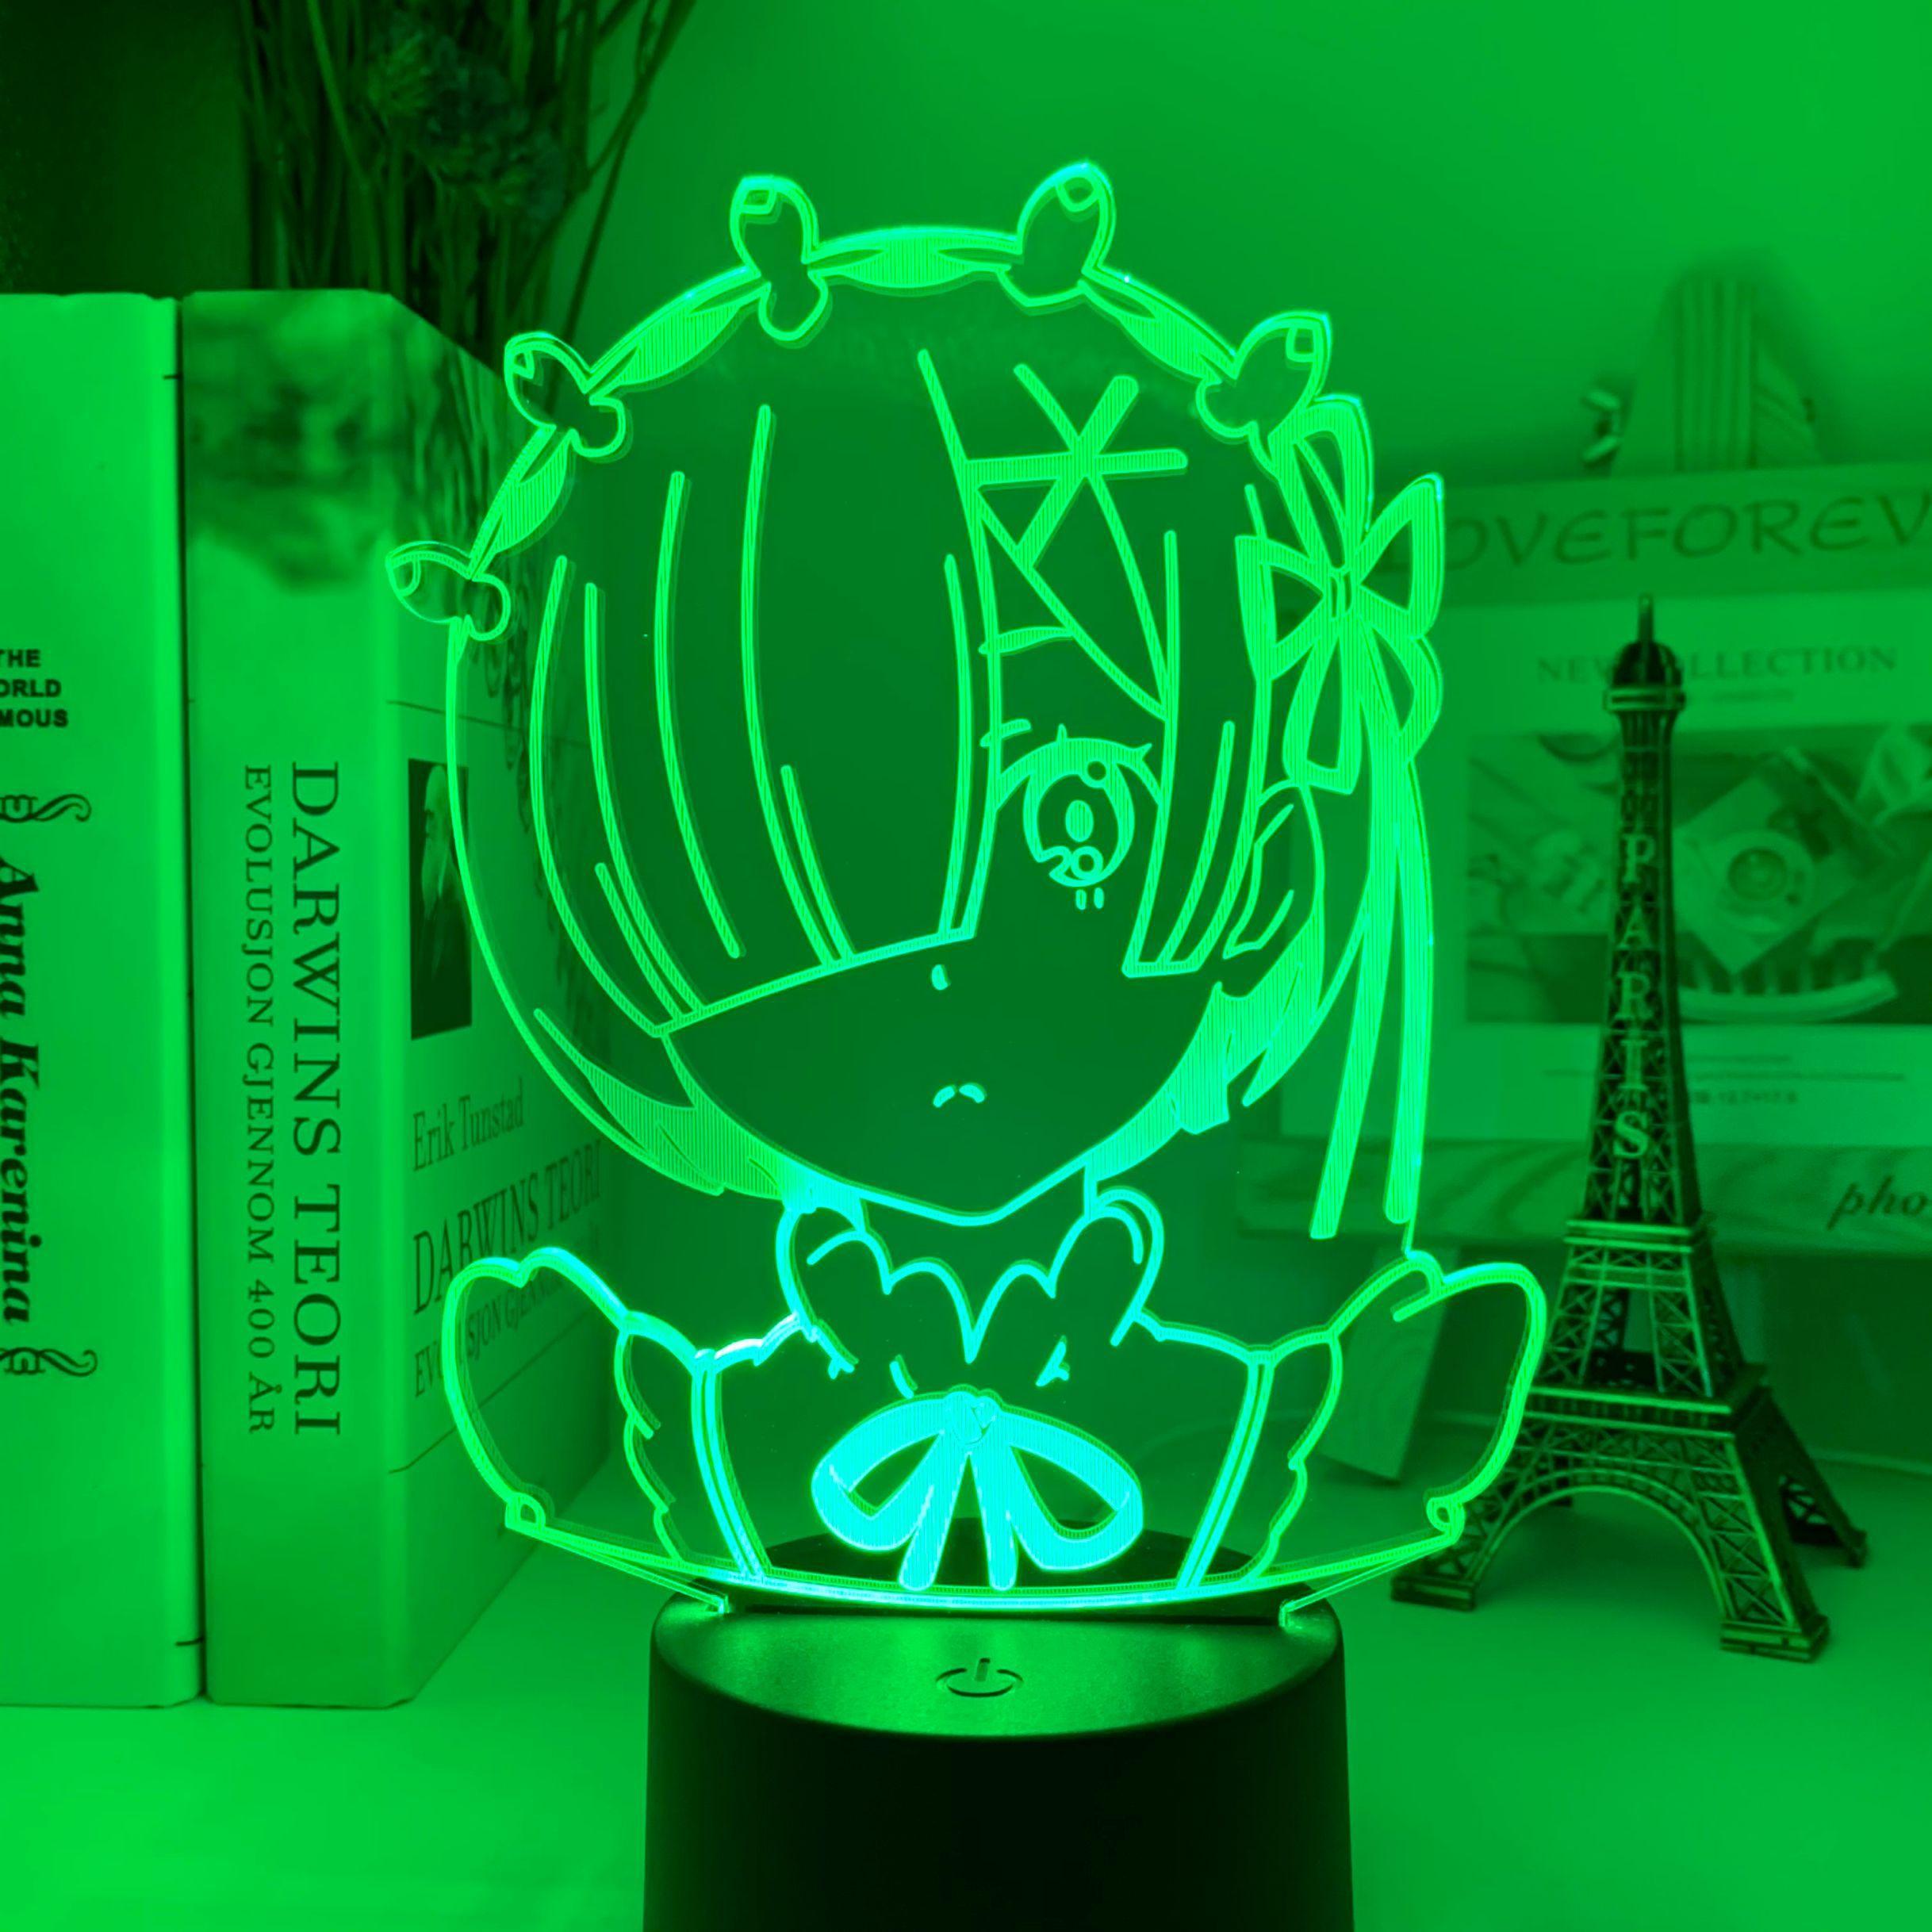 H9b02f6be96754c1a8764af4355e1c31ez Luminária Anime rem re zero starting life in another world figura luz da noite led sensor de toque mudança cor do bebê nightlight para decoração do quarto lâmpada mesa 3d manga presente